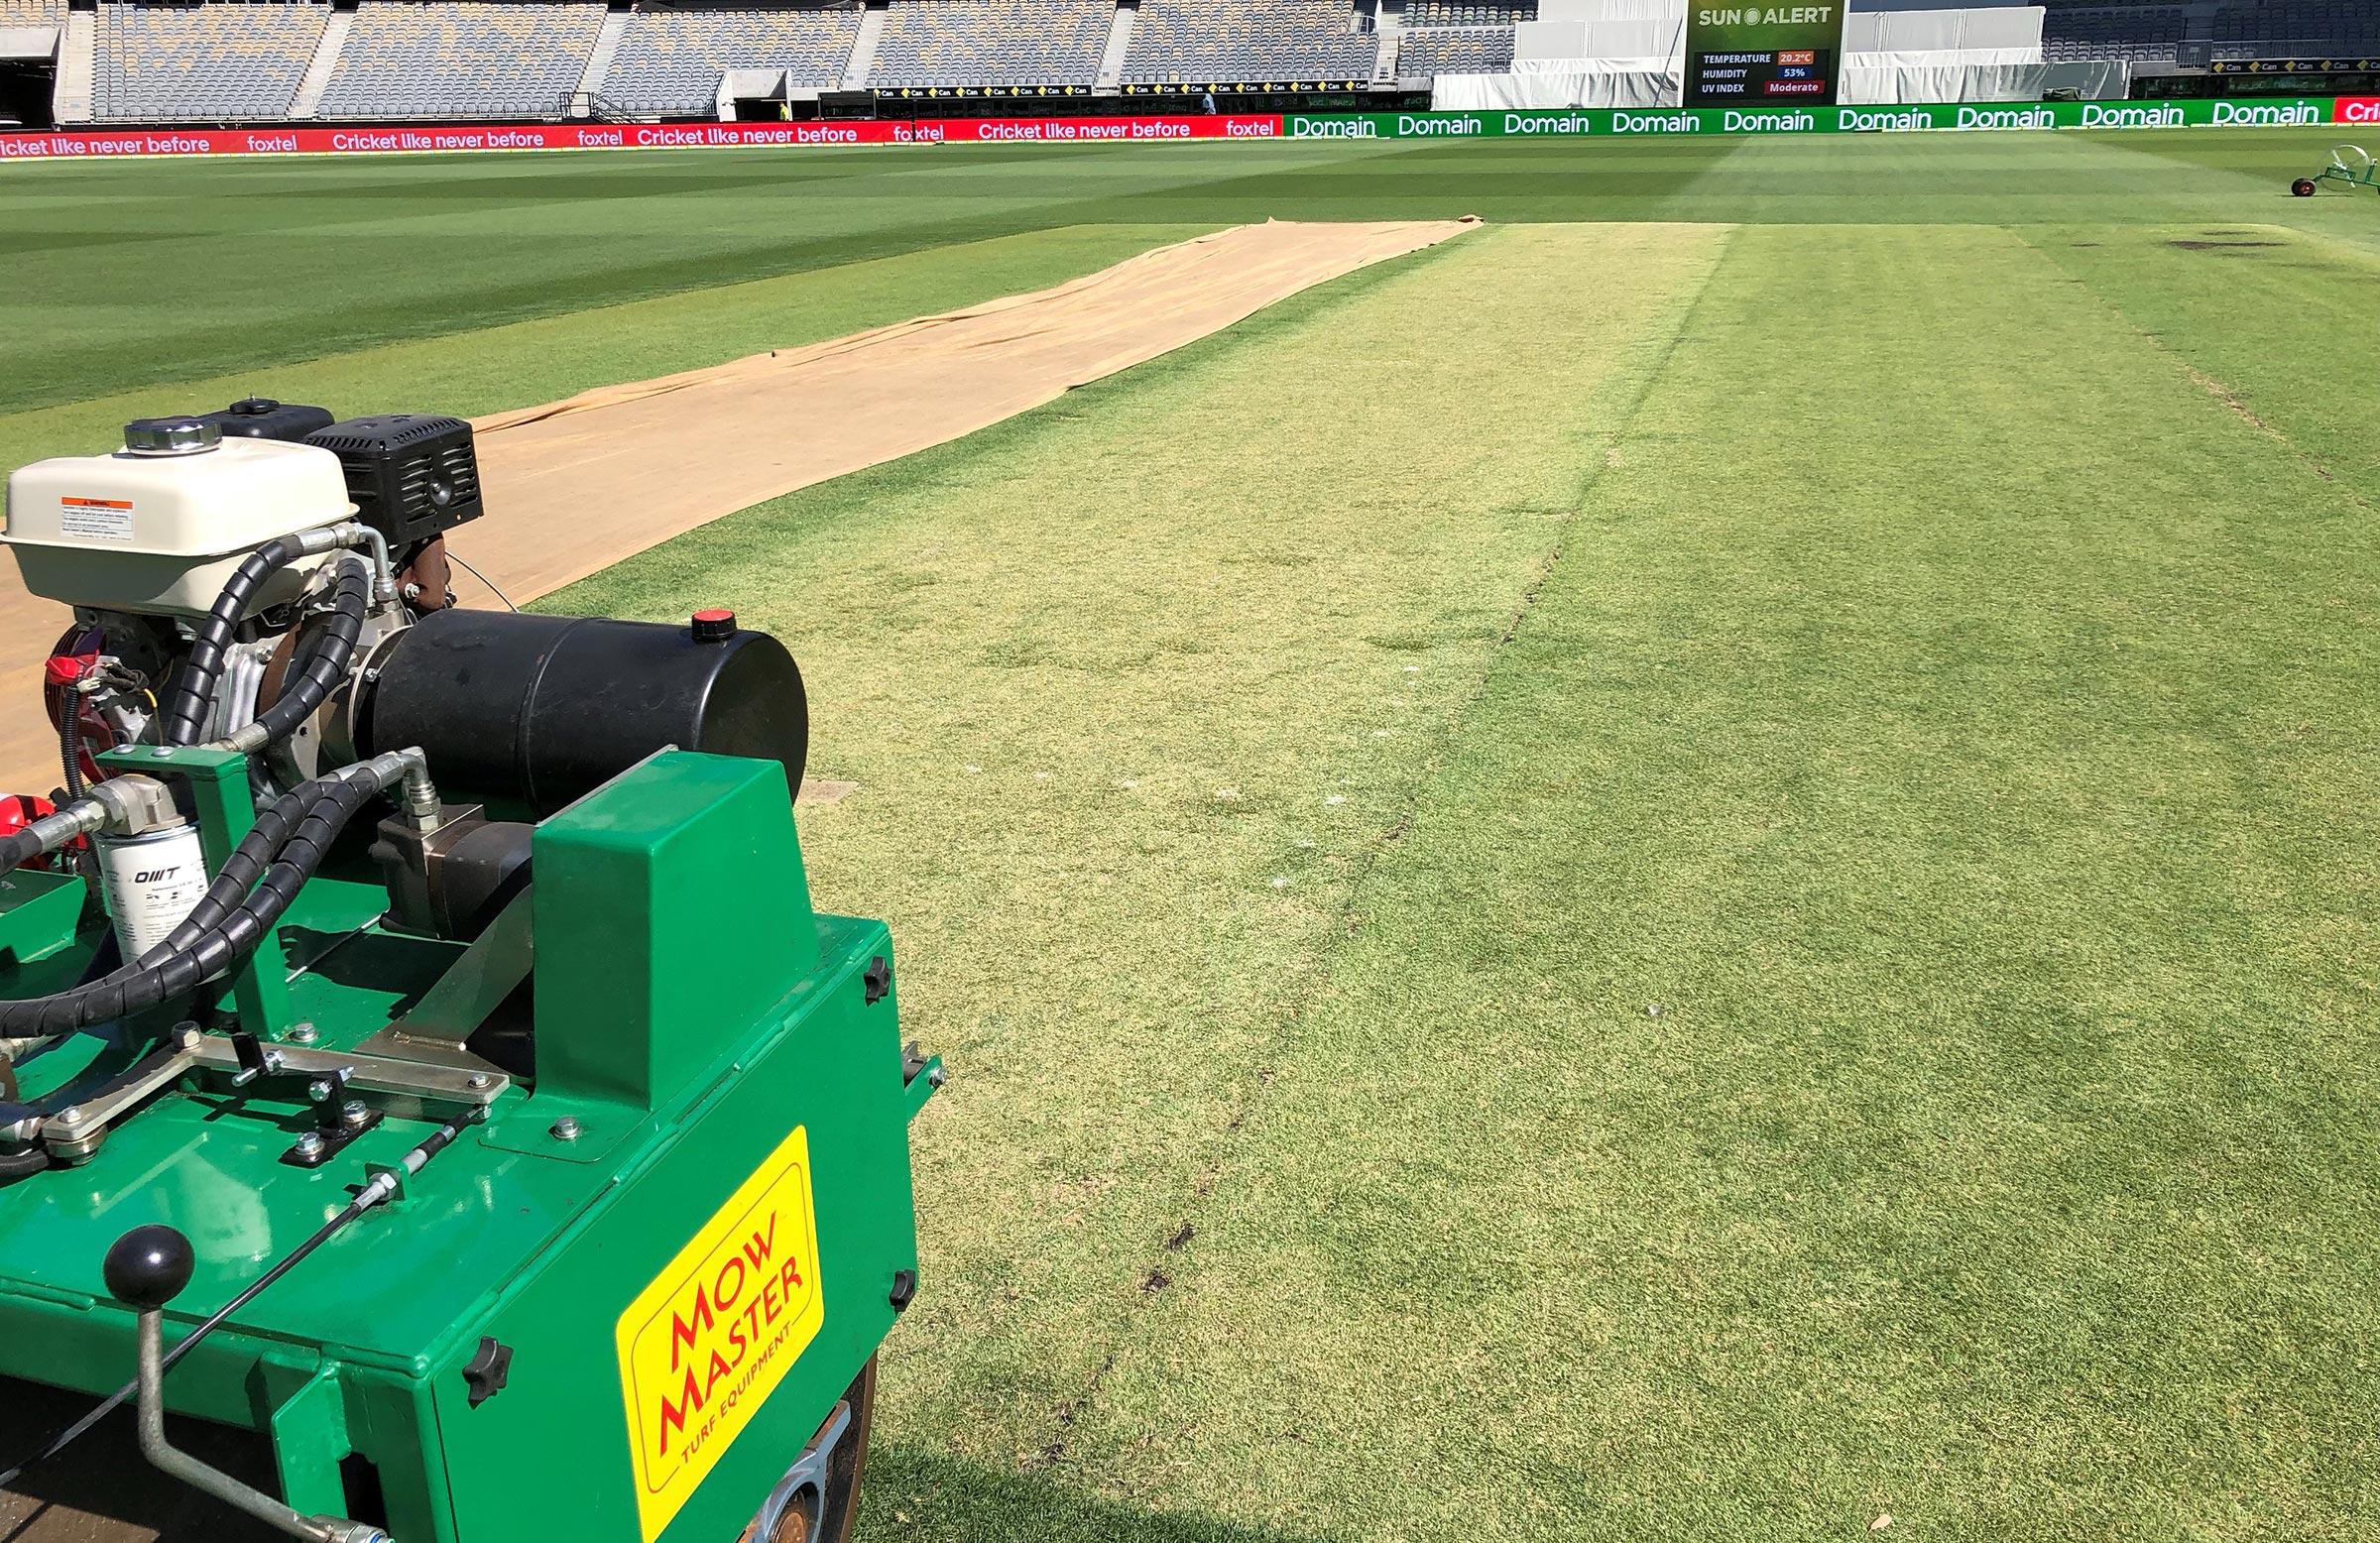 AUSvsIND: क्यूरेटर का खुलासा, पर्थ टेस्ट के लिए ऐसी विकेट बनाने का मिला था क्रिकेट ऑस्ट्रेलिया से आदेश